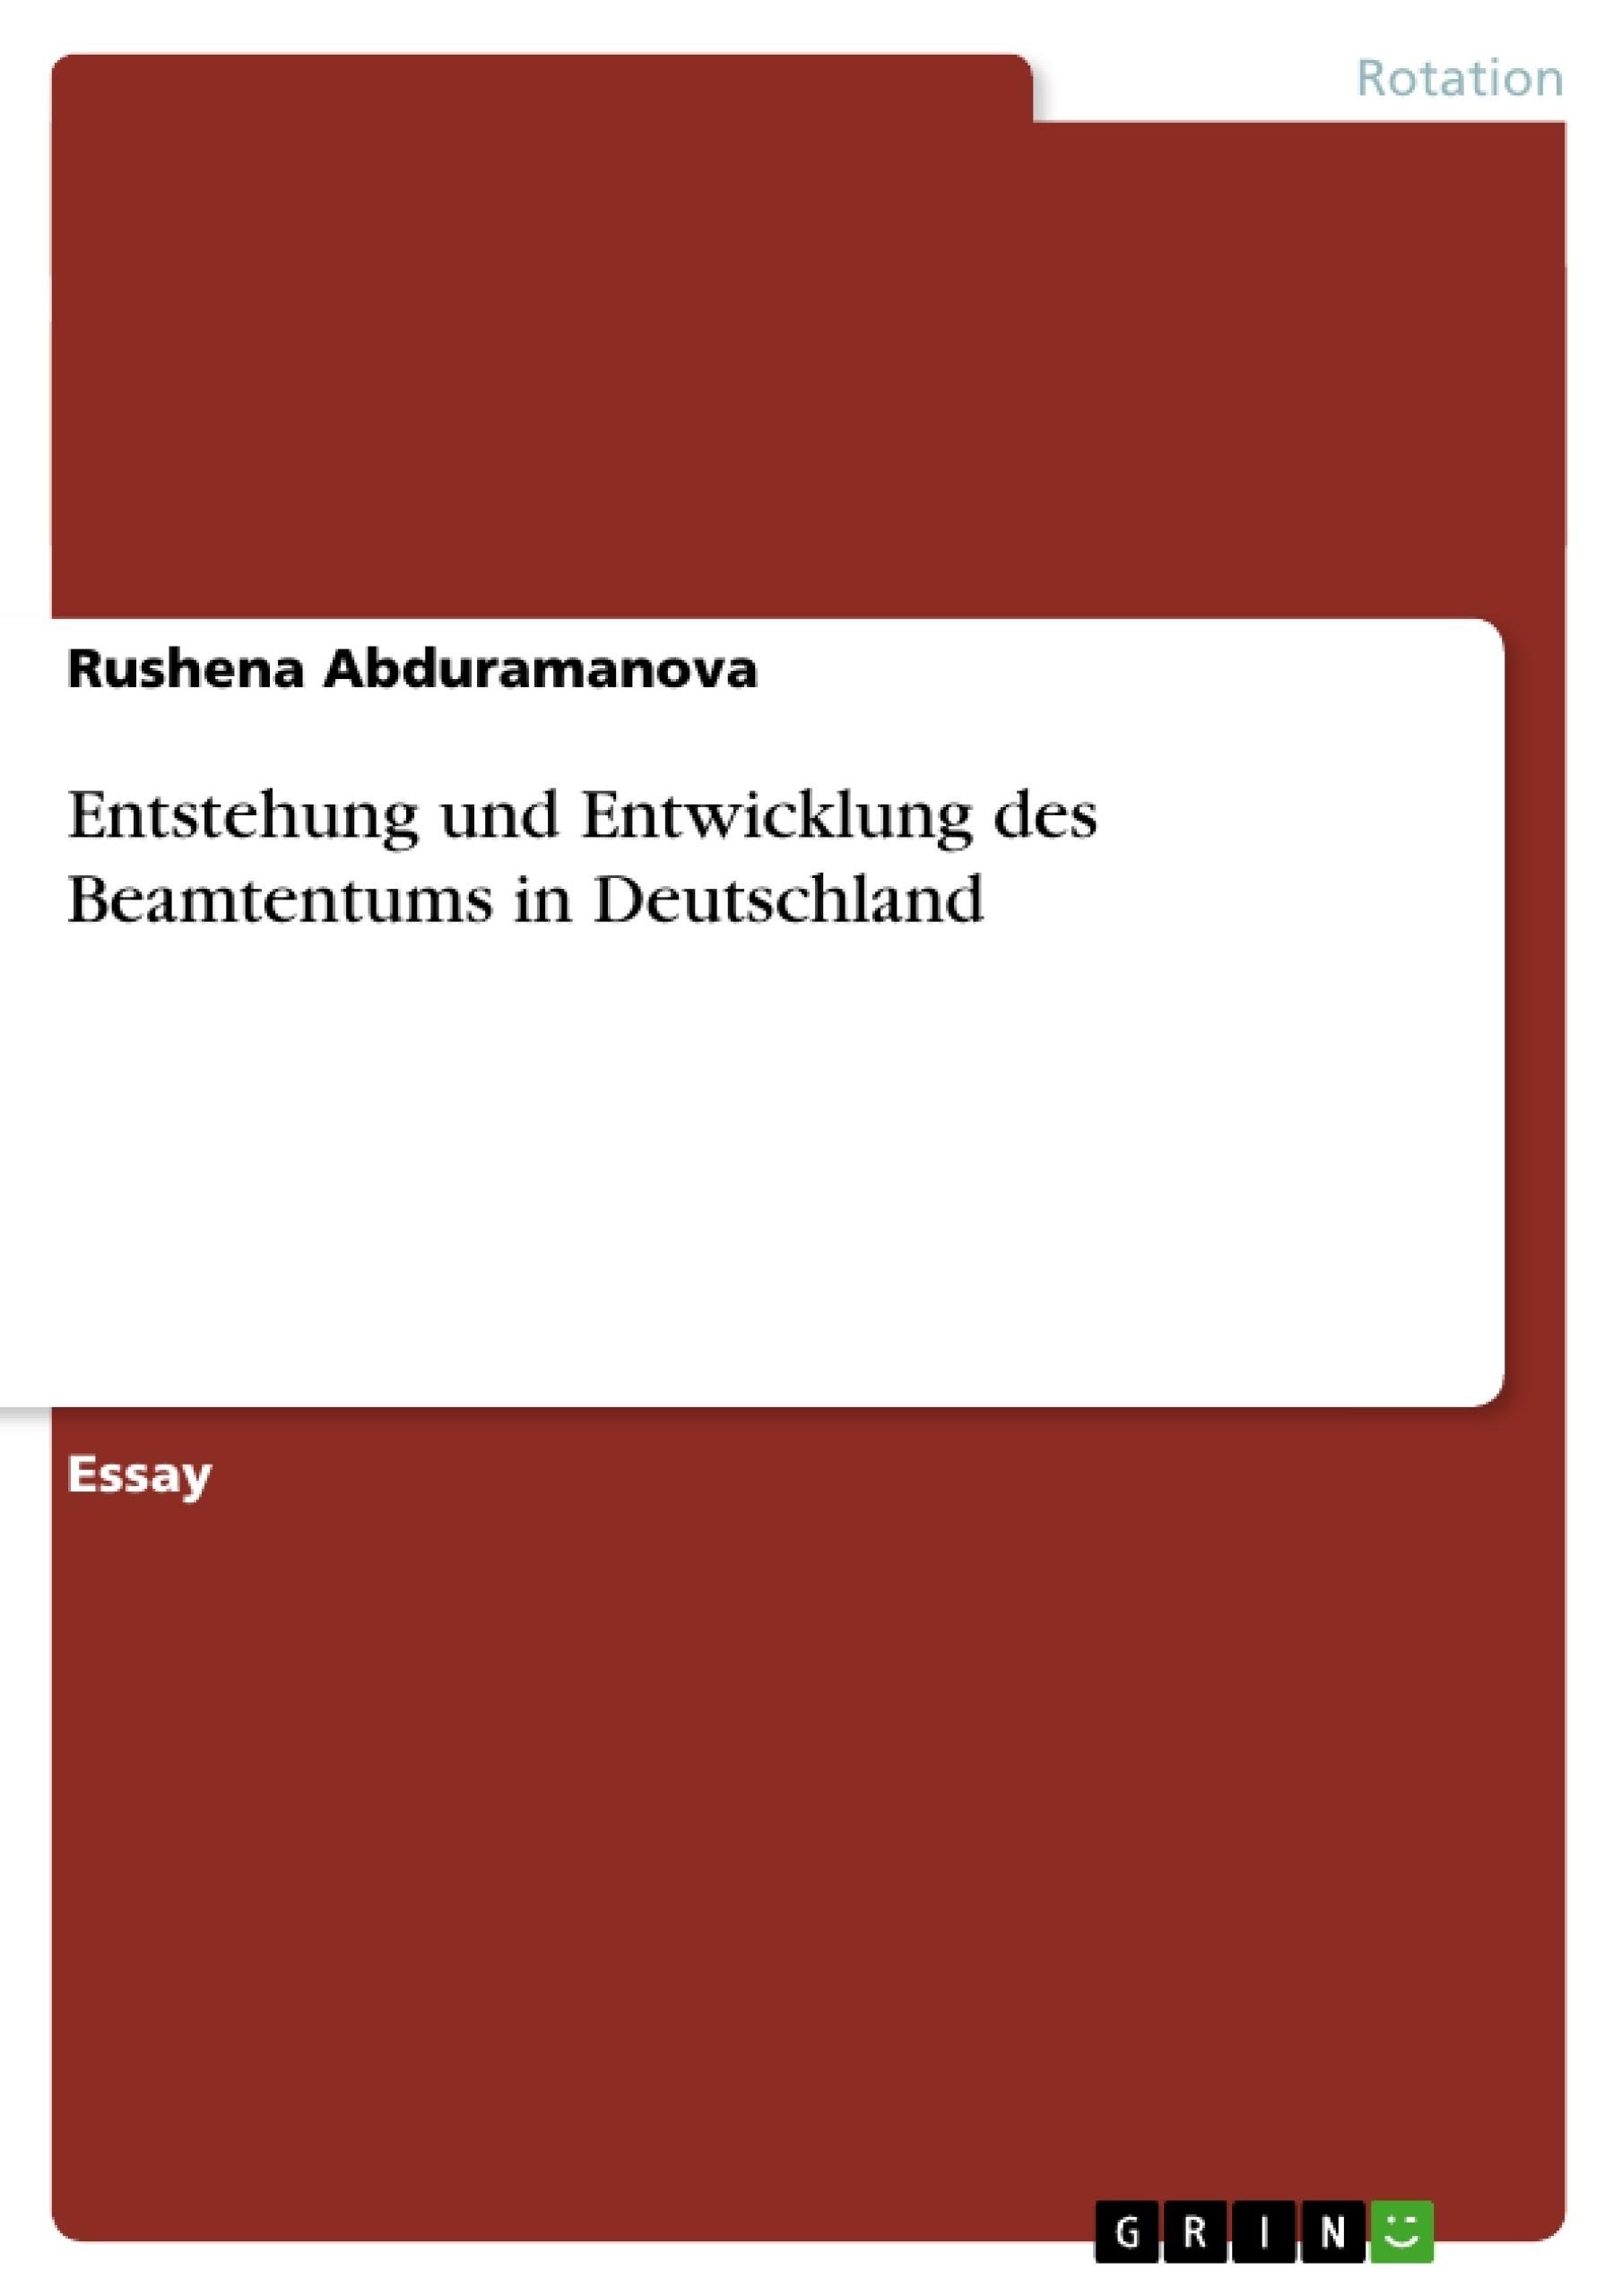 Titel: Entstehung und Entwicklung des Beamtentums in Deutschland